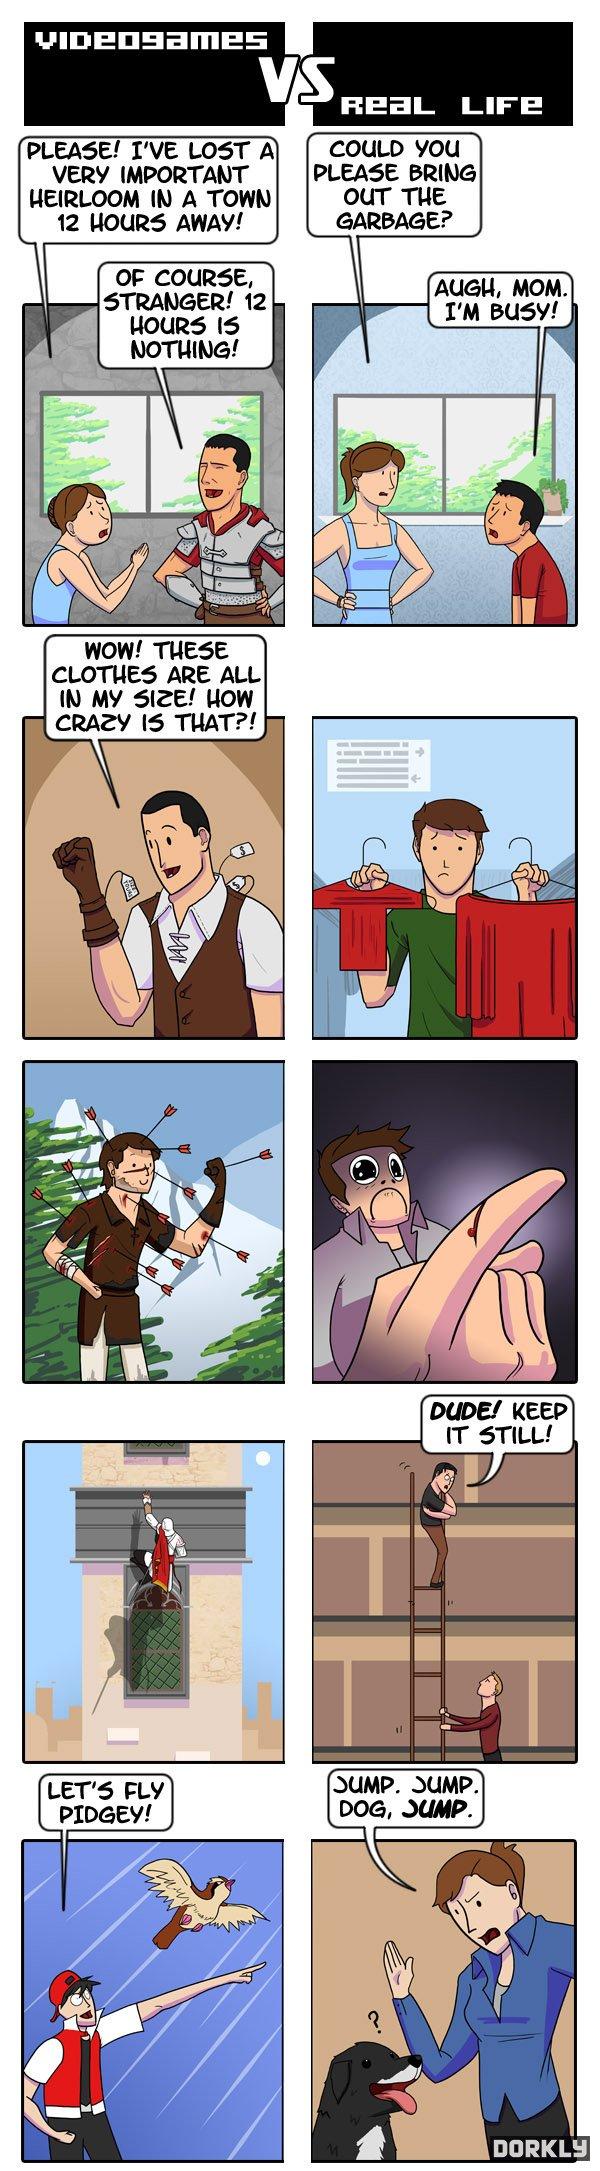 videojuegos-vs-vida-real